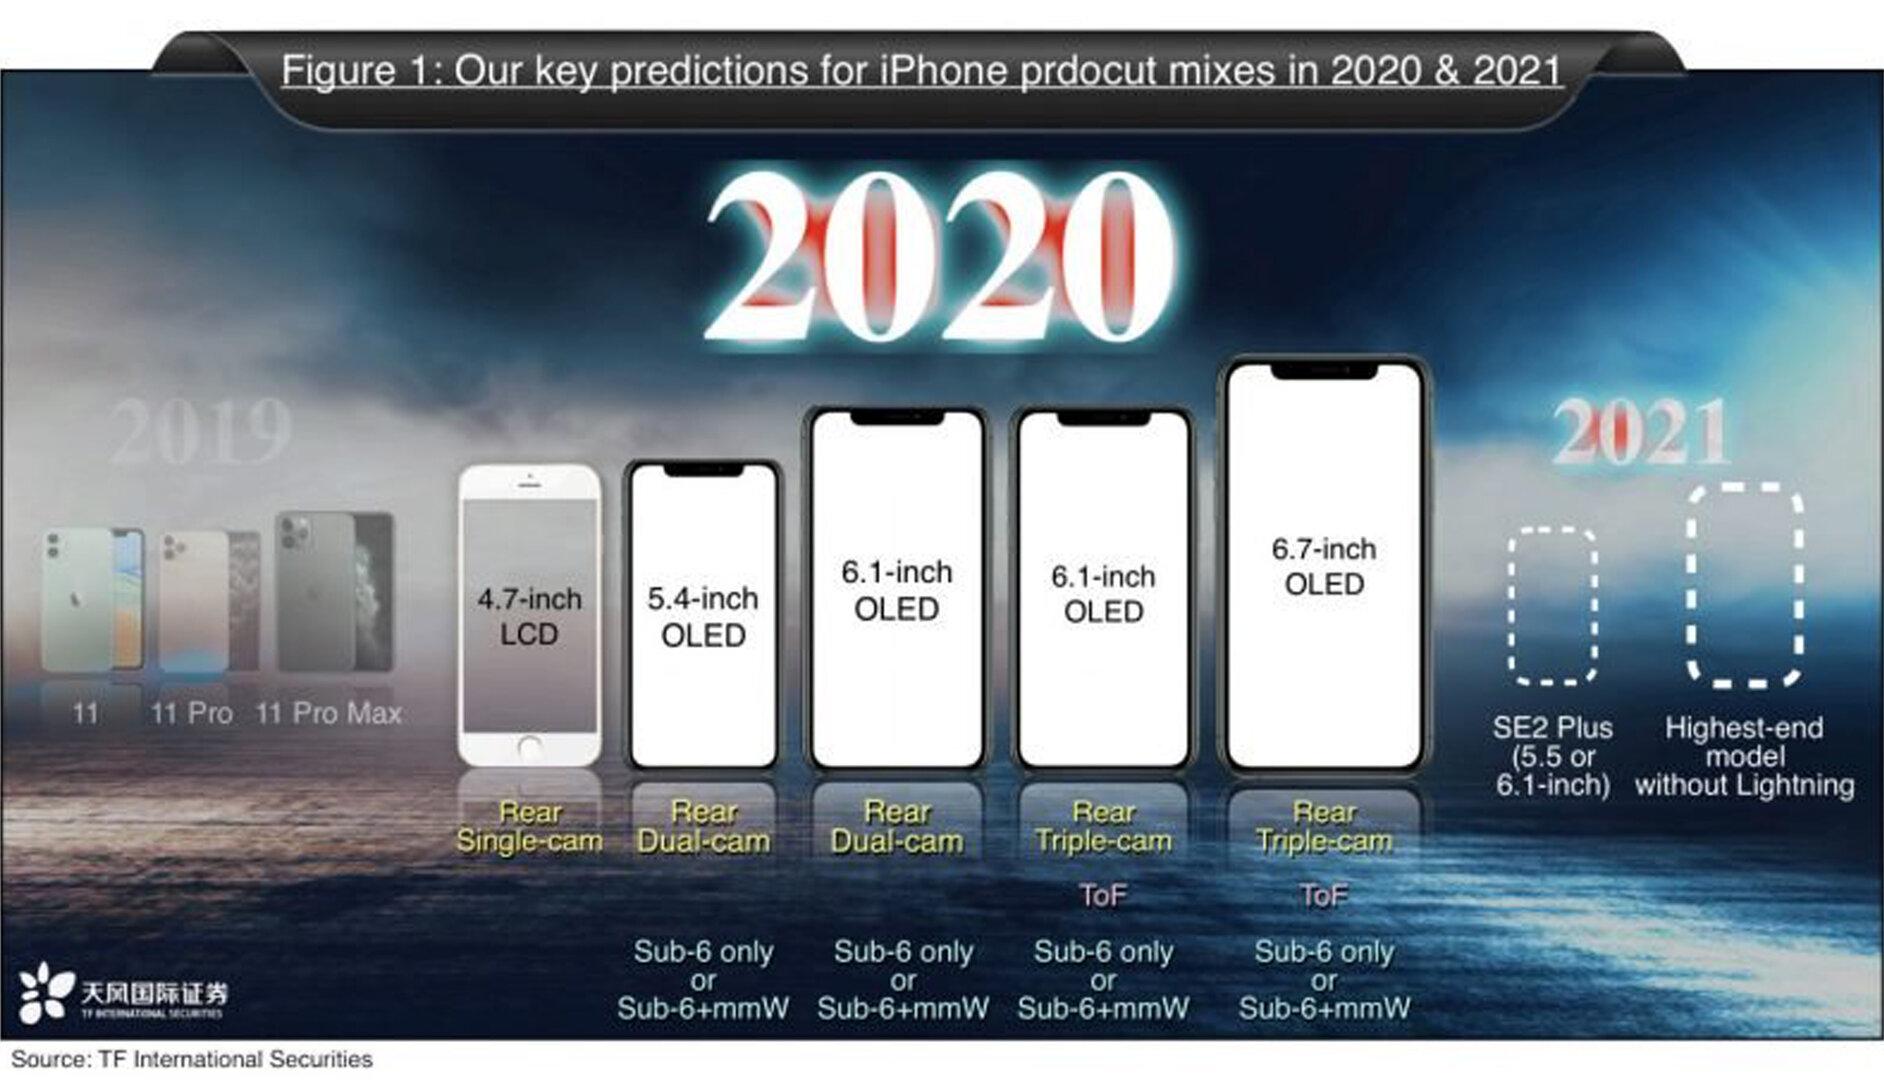 Dòng sản phẩm iPhone bị nghi ngờ bởi Ming-Chi Kuo cho năm 2021